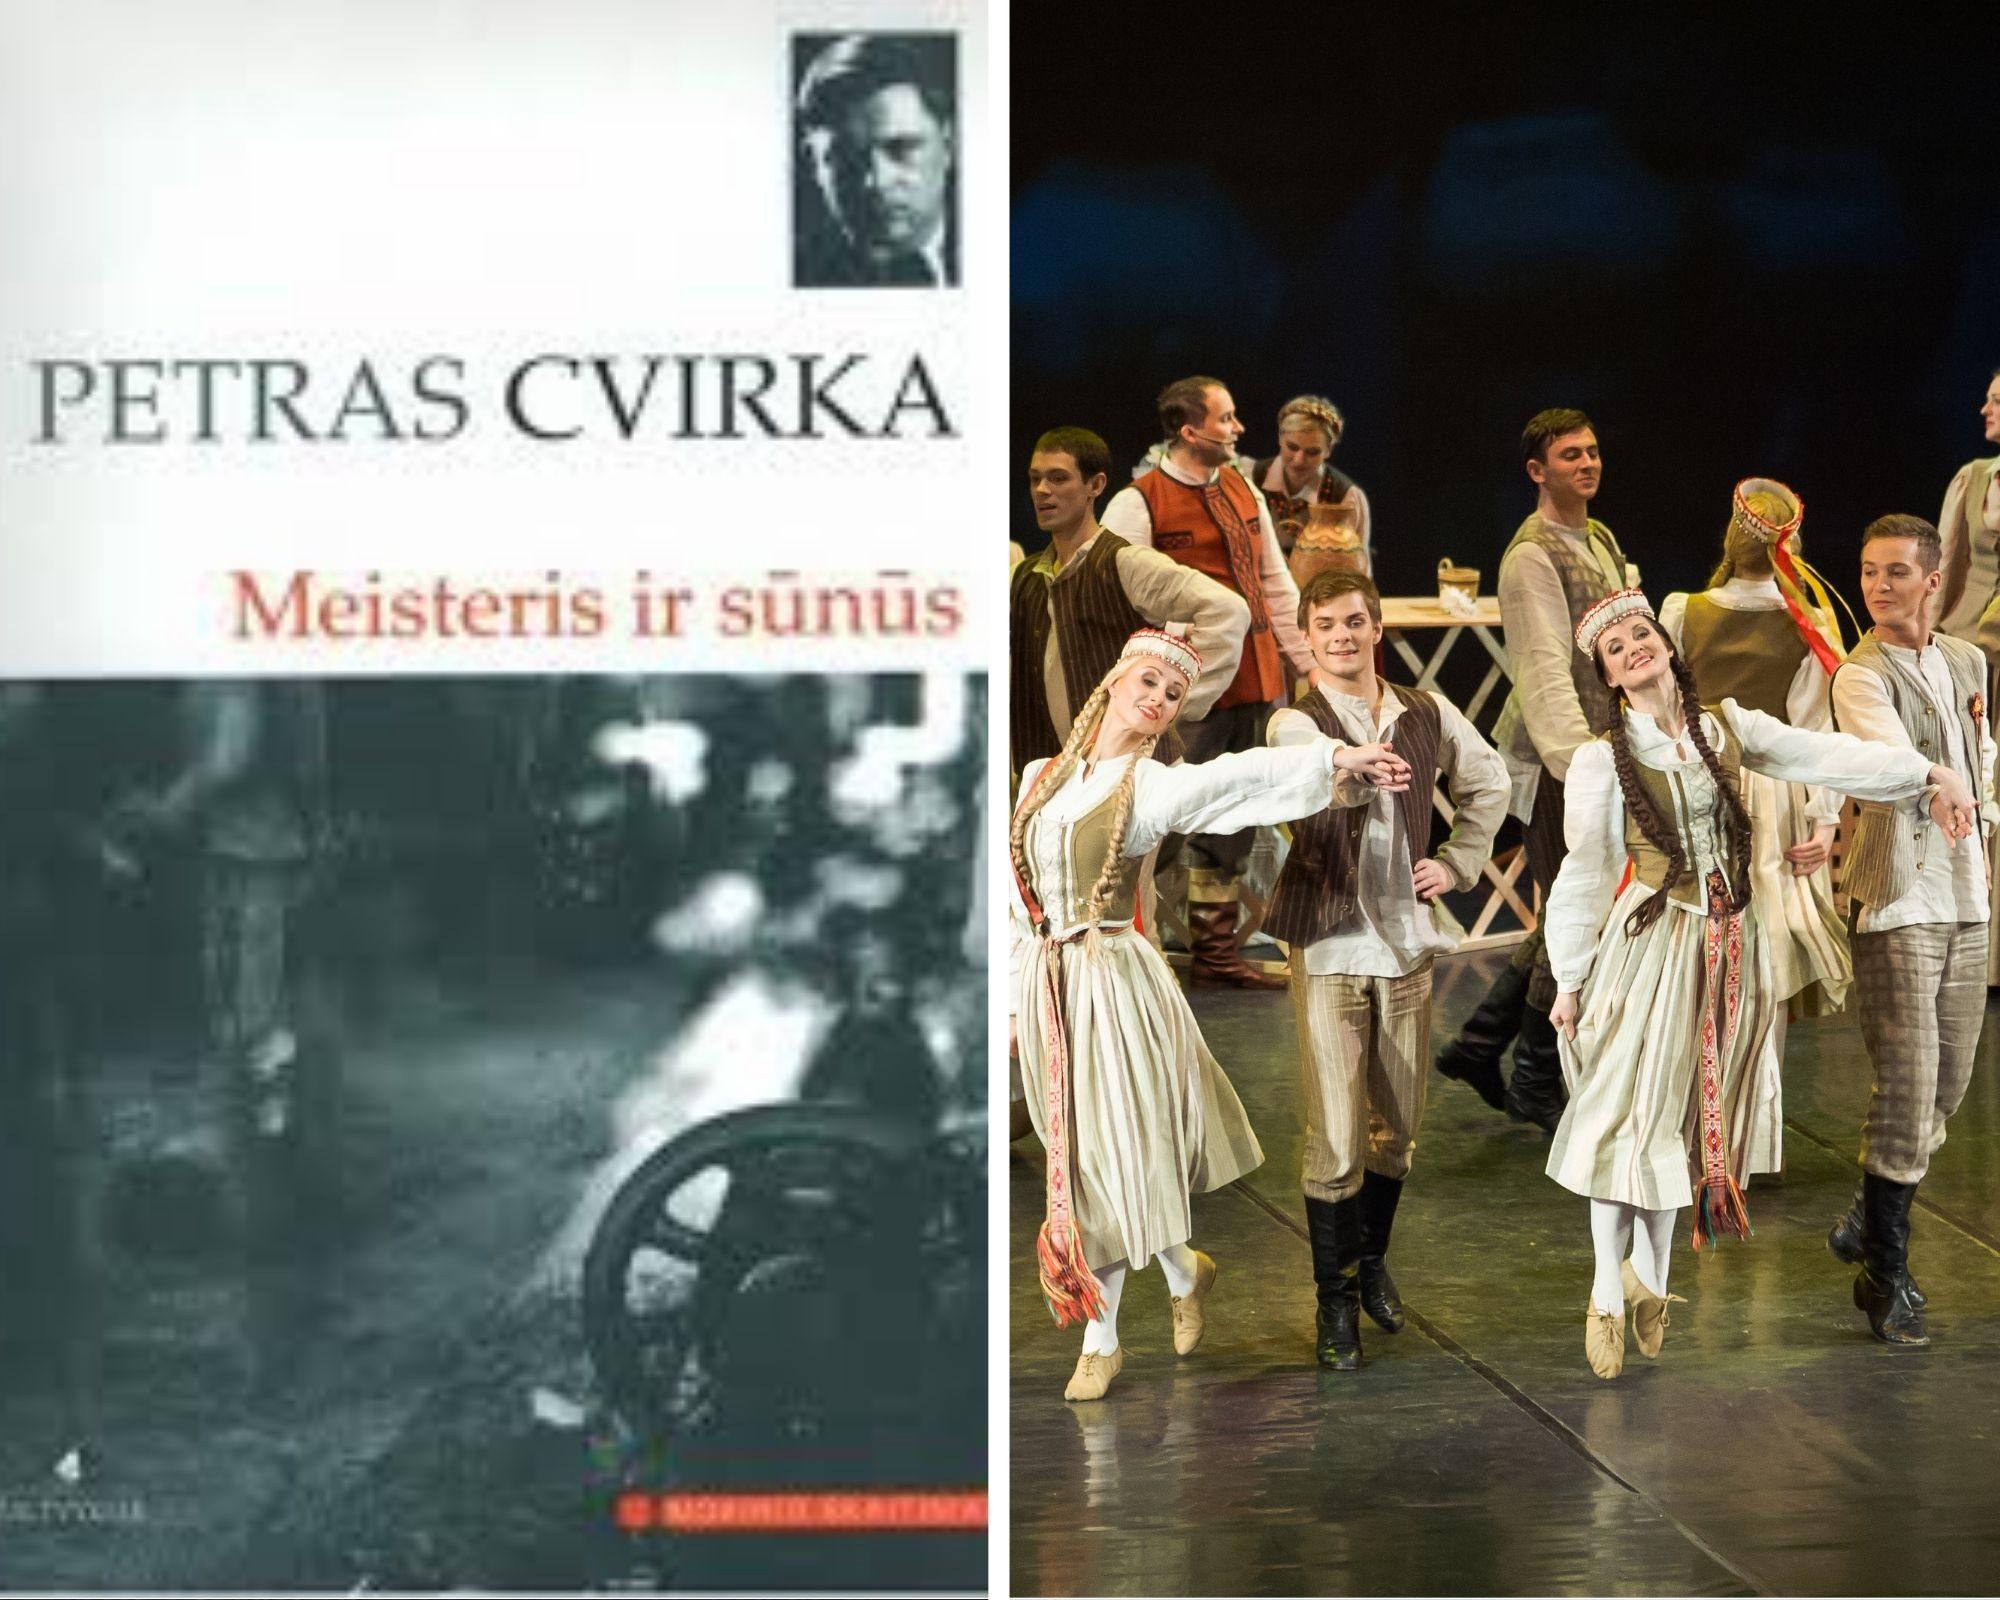 Nuotraukų autoriai: M. Sirusas (dešinėje)